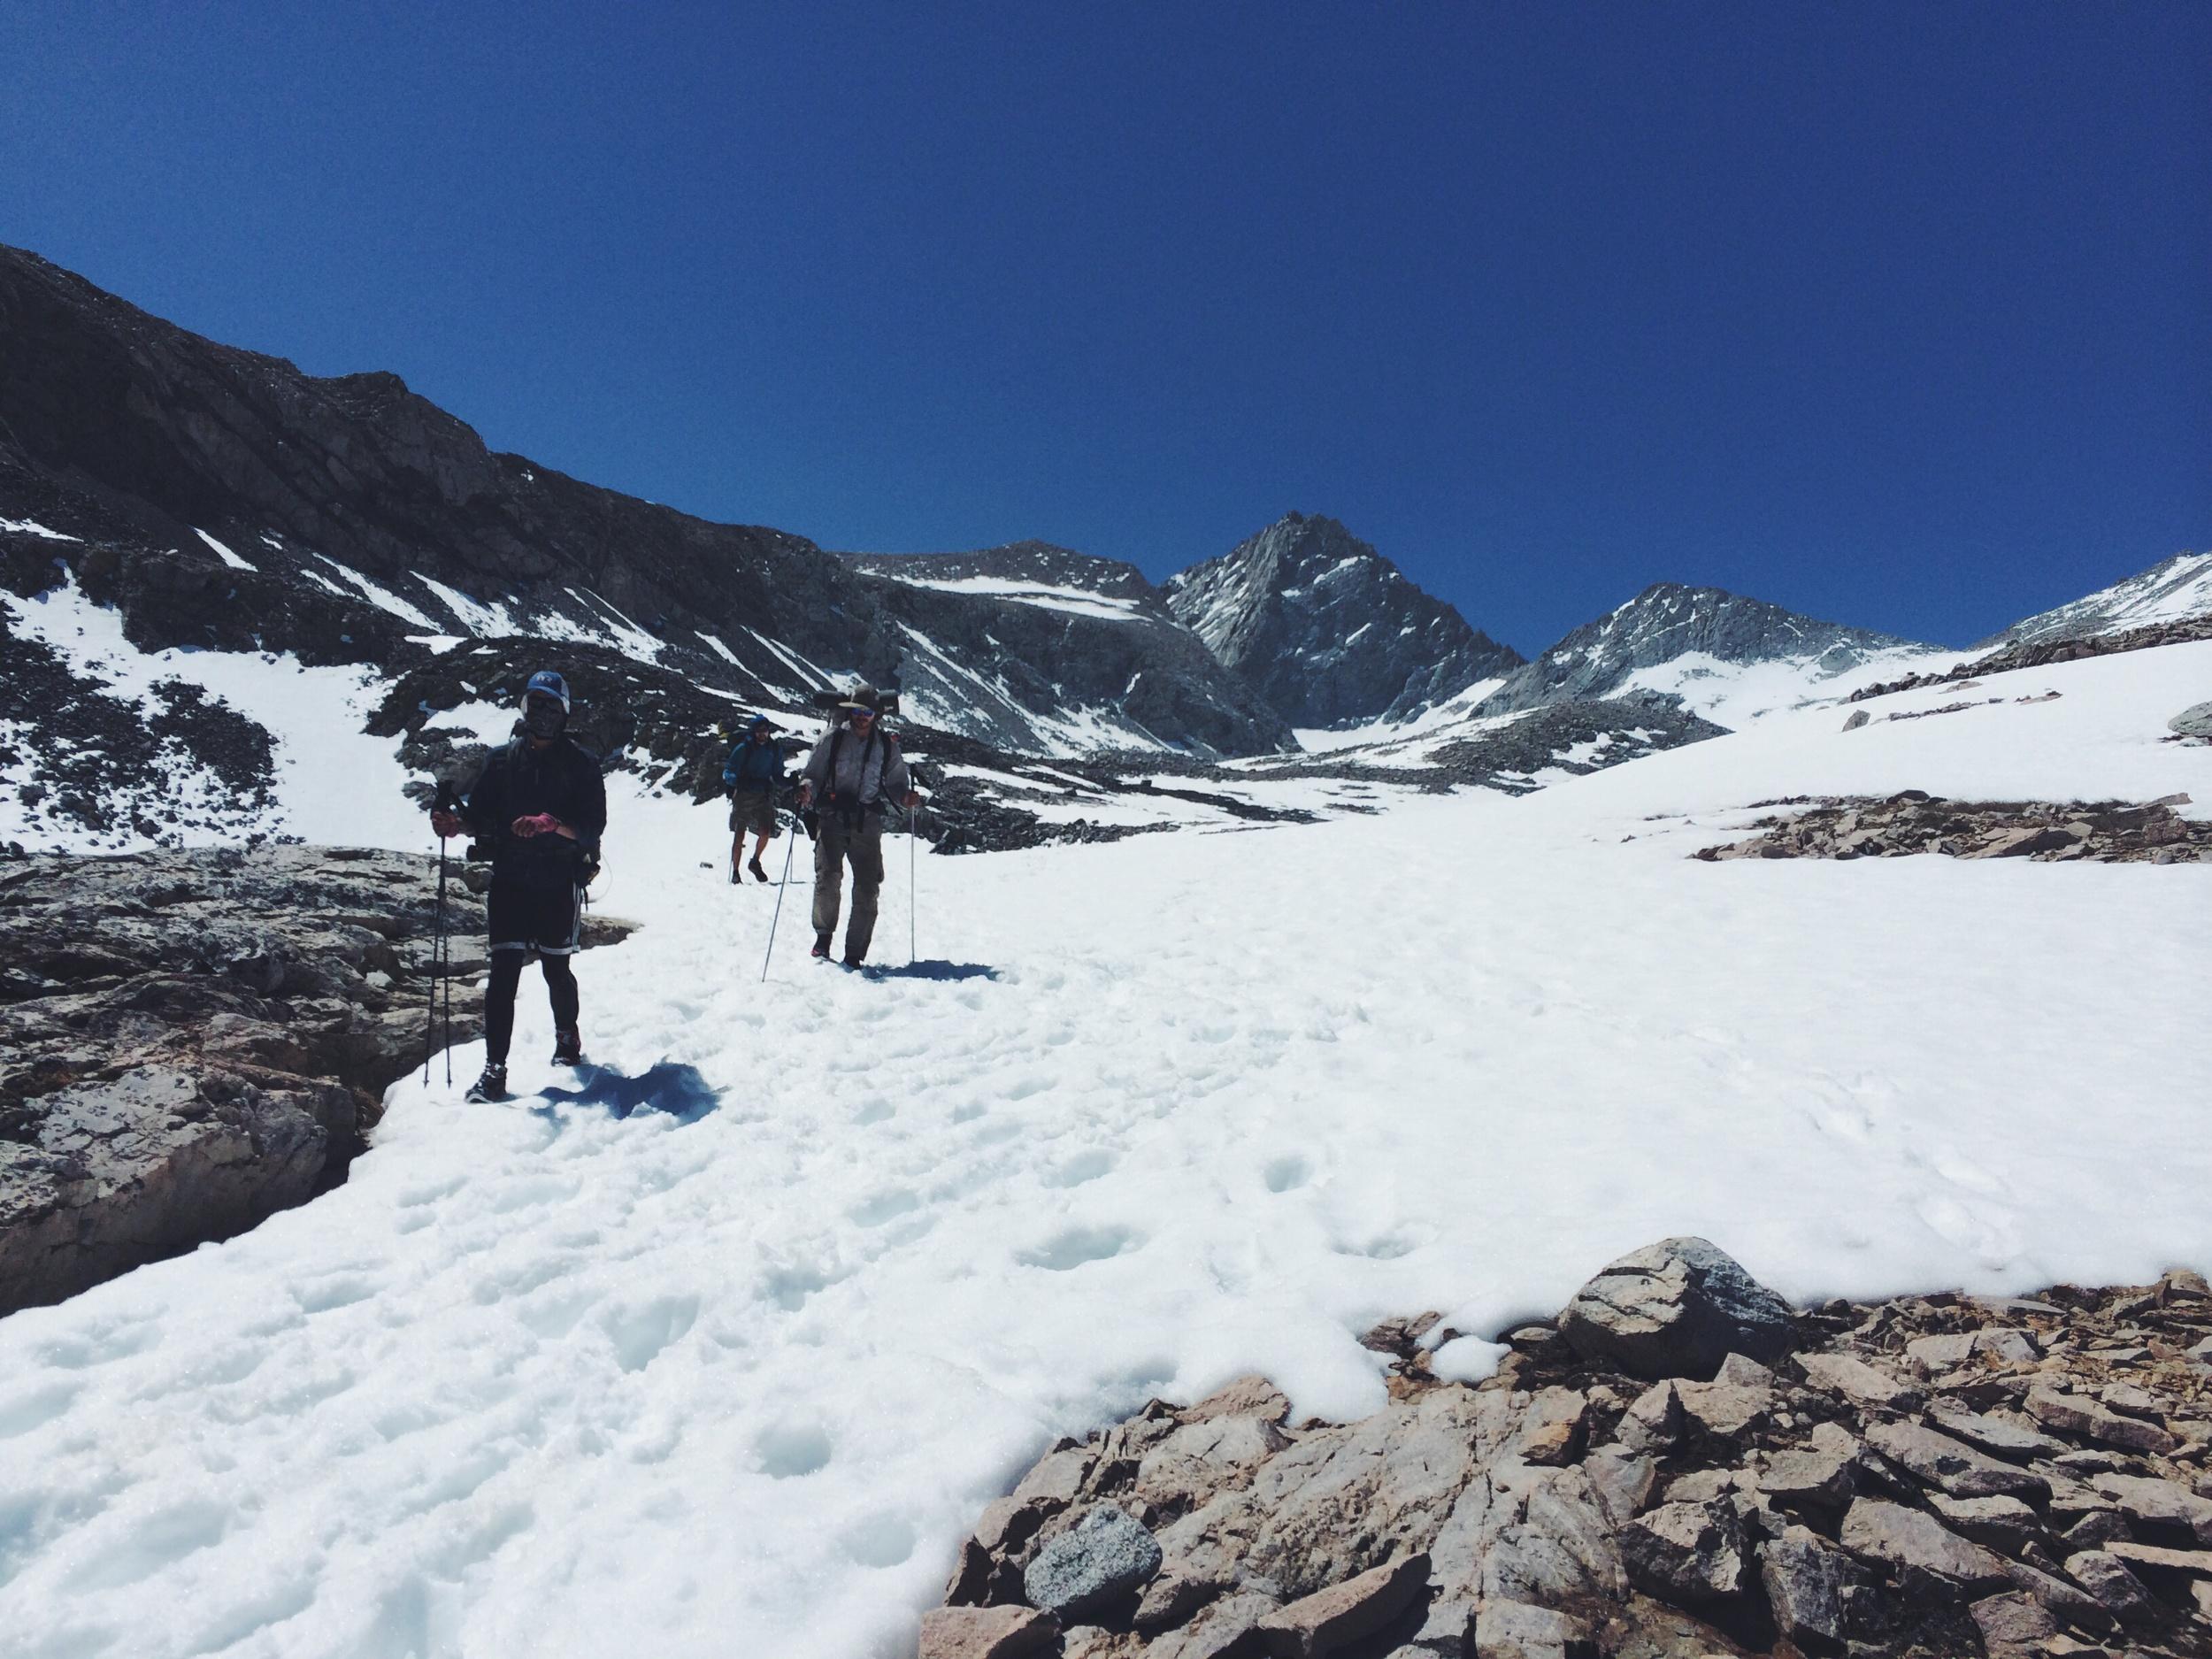 Pedi, Quinoa and Half and Half descend the snow field.